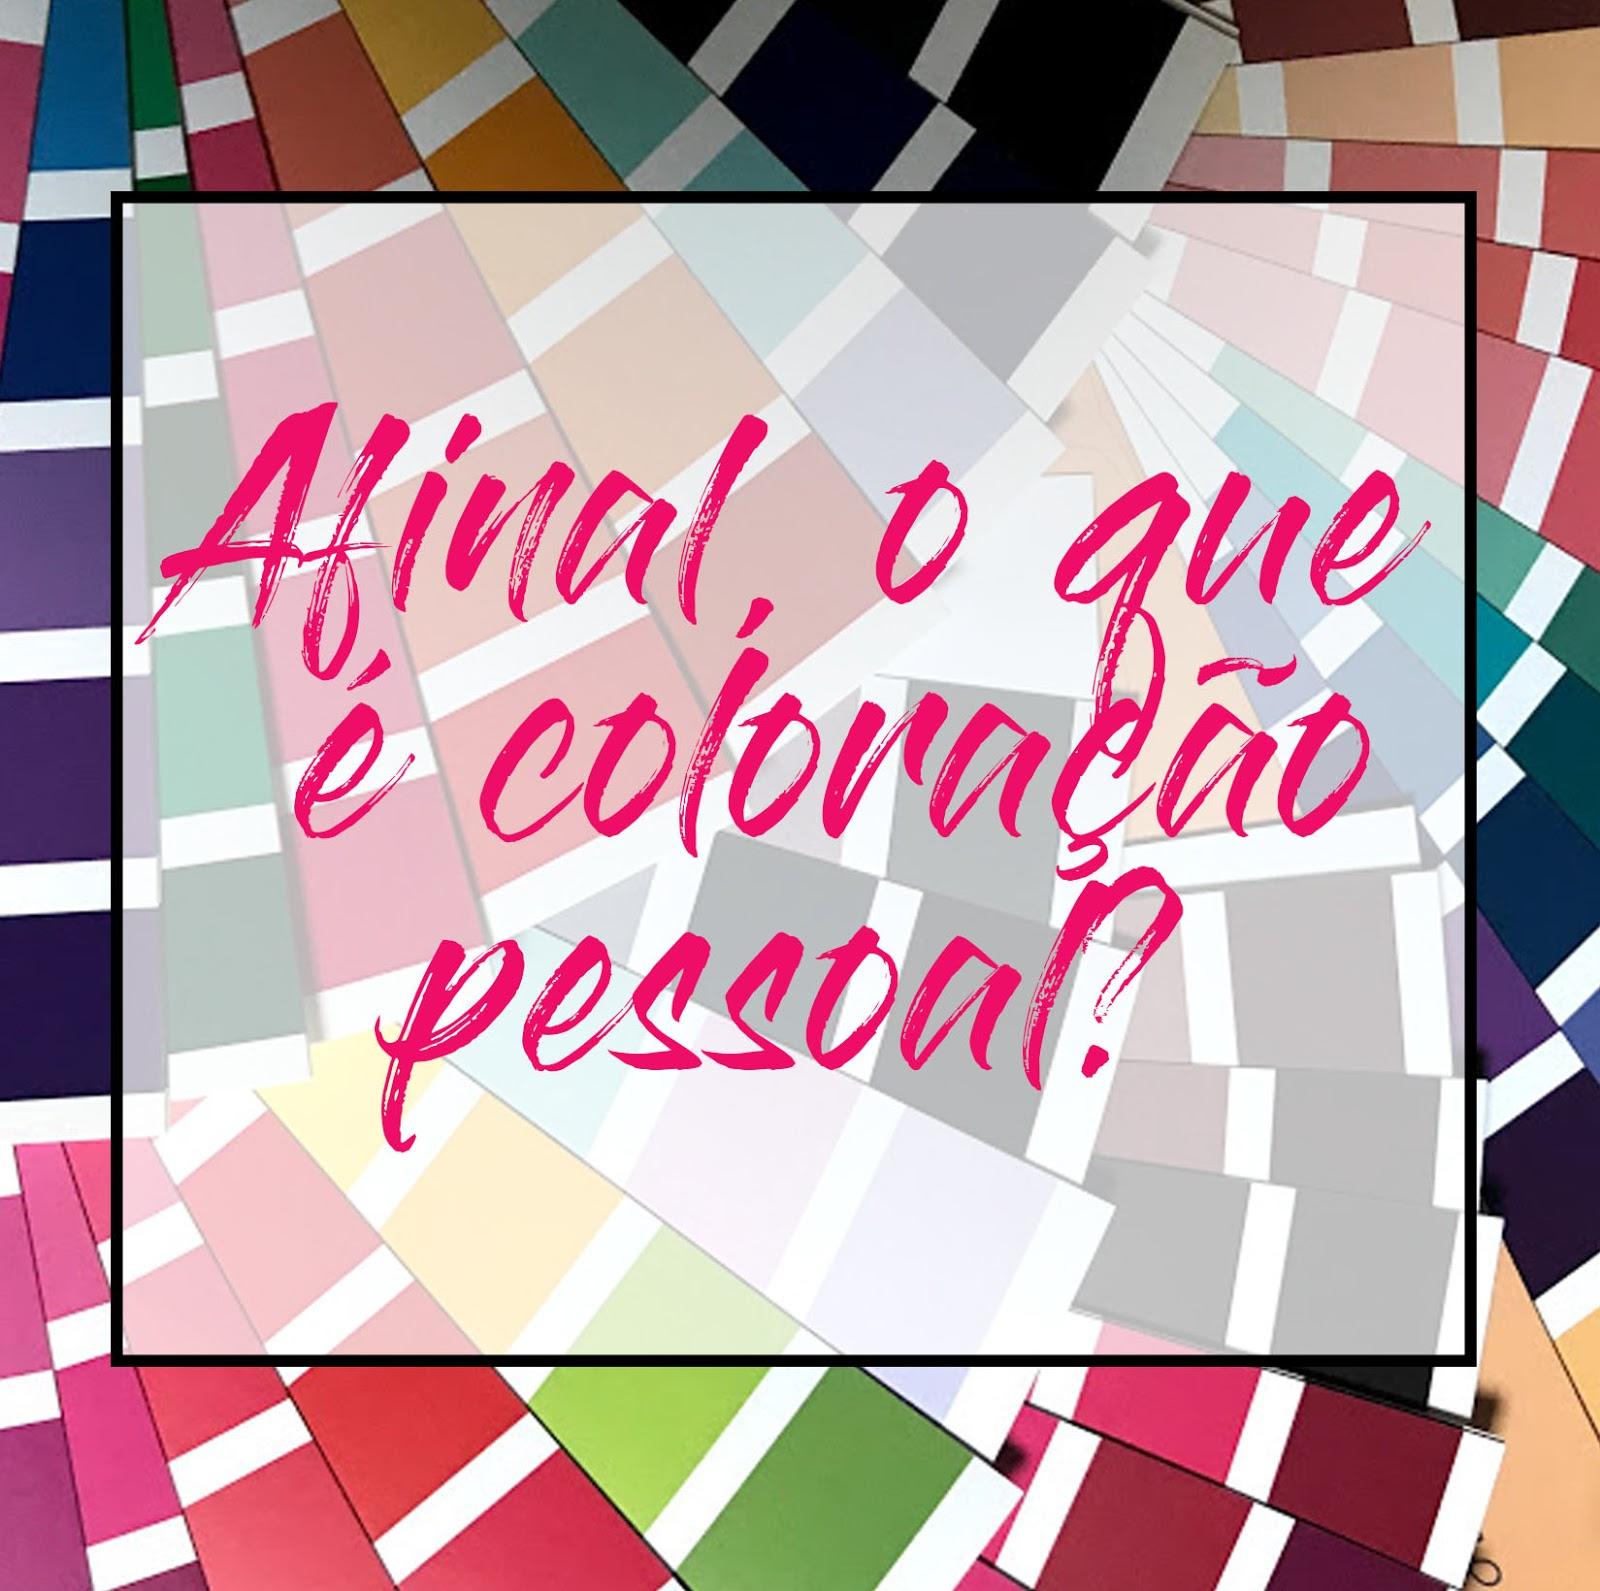 O que é coloração pessoal?